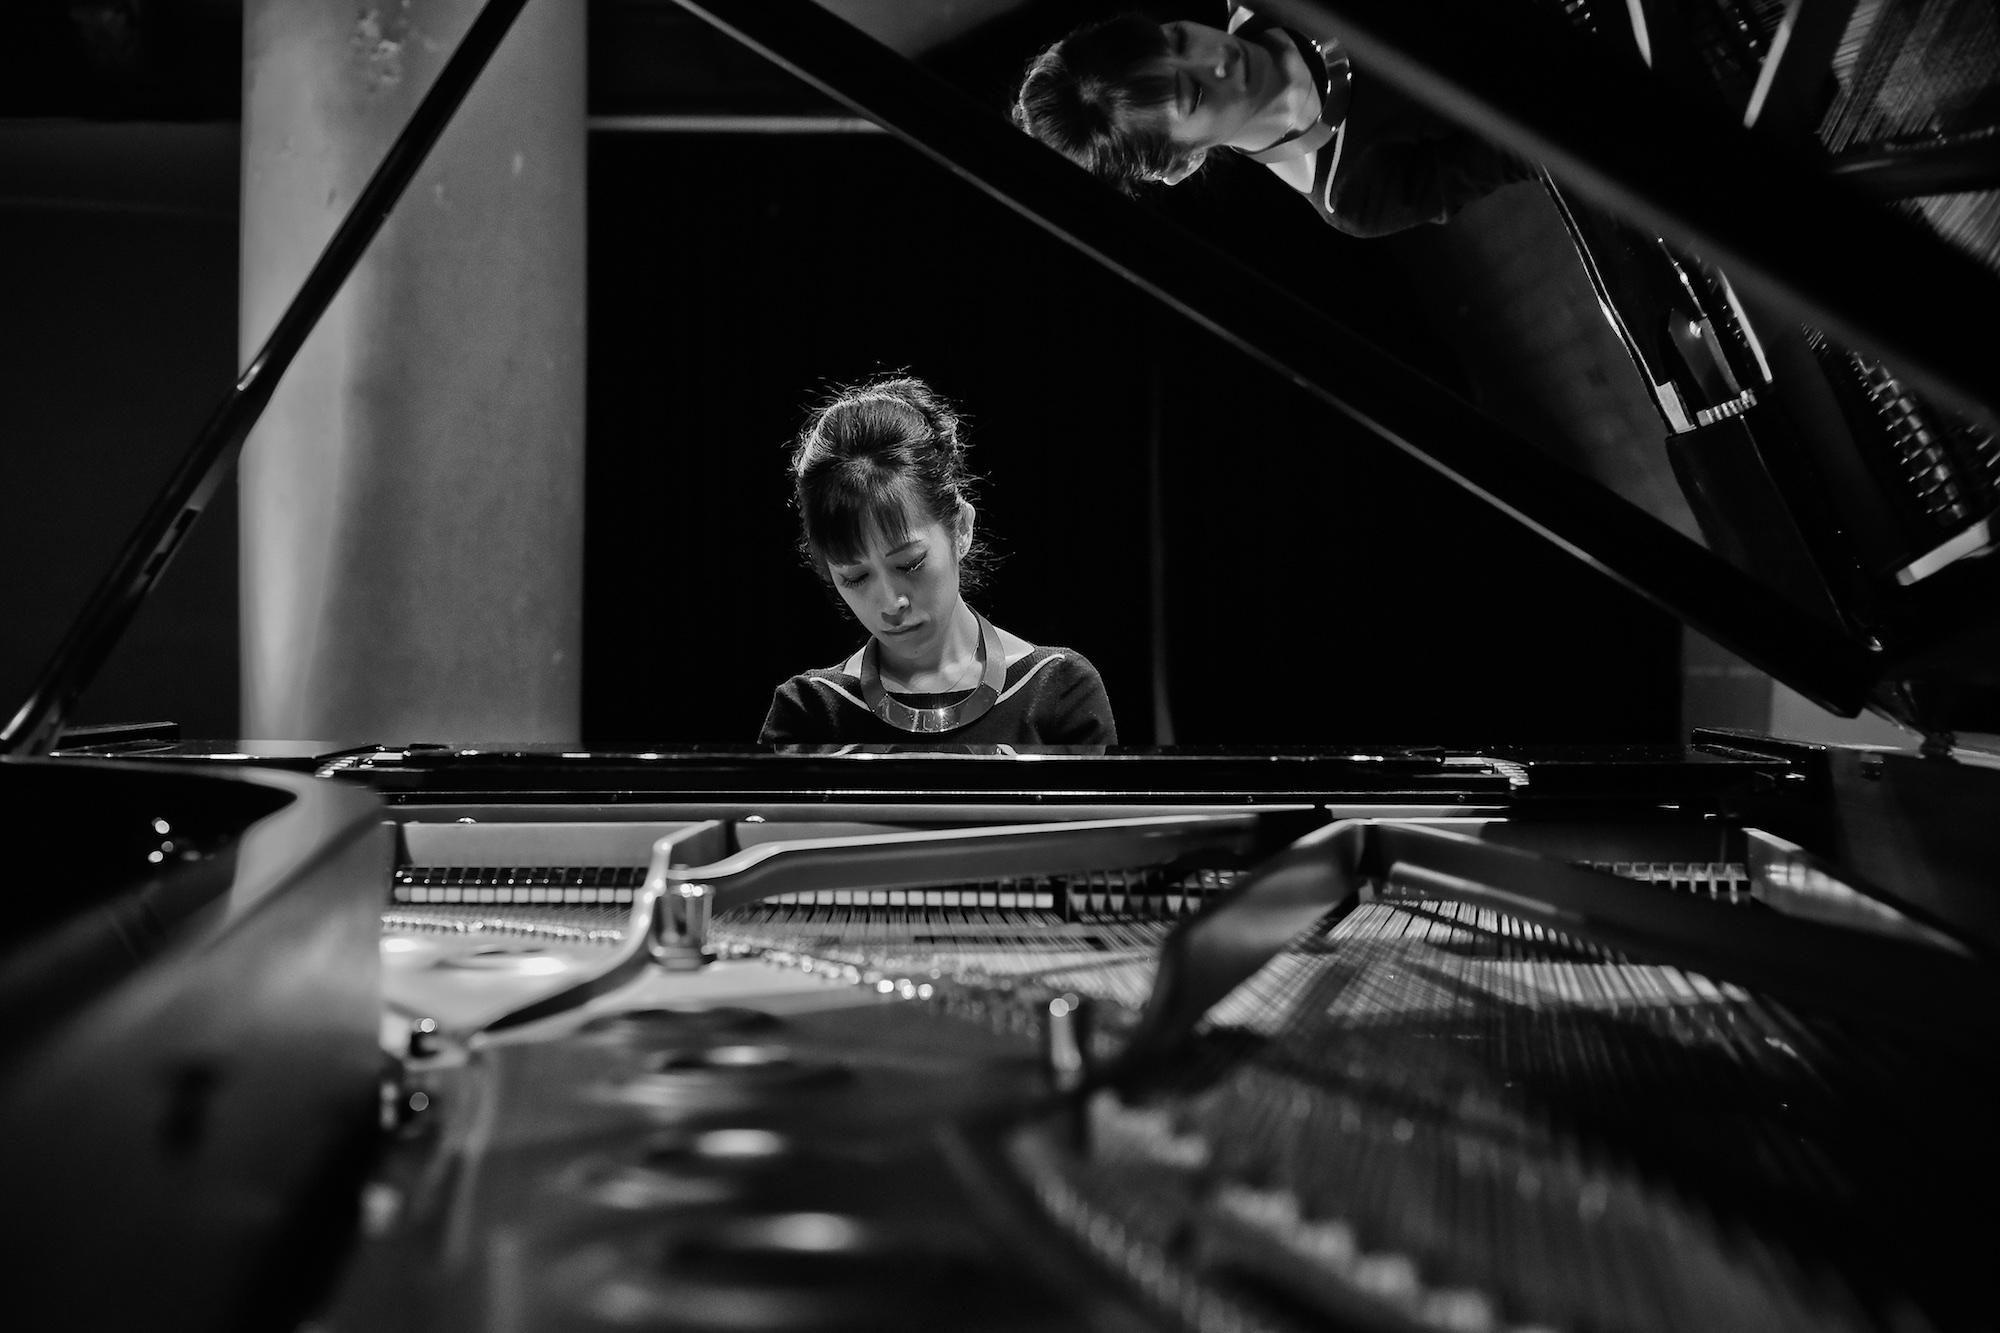 aisa-ijiri-carnegie-hall-steinway-piano-2